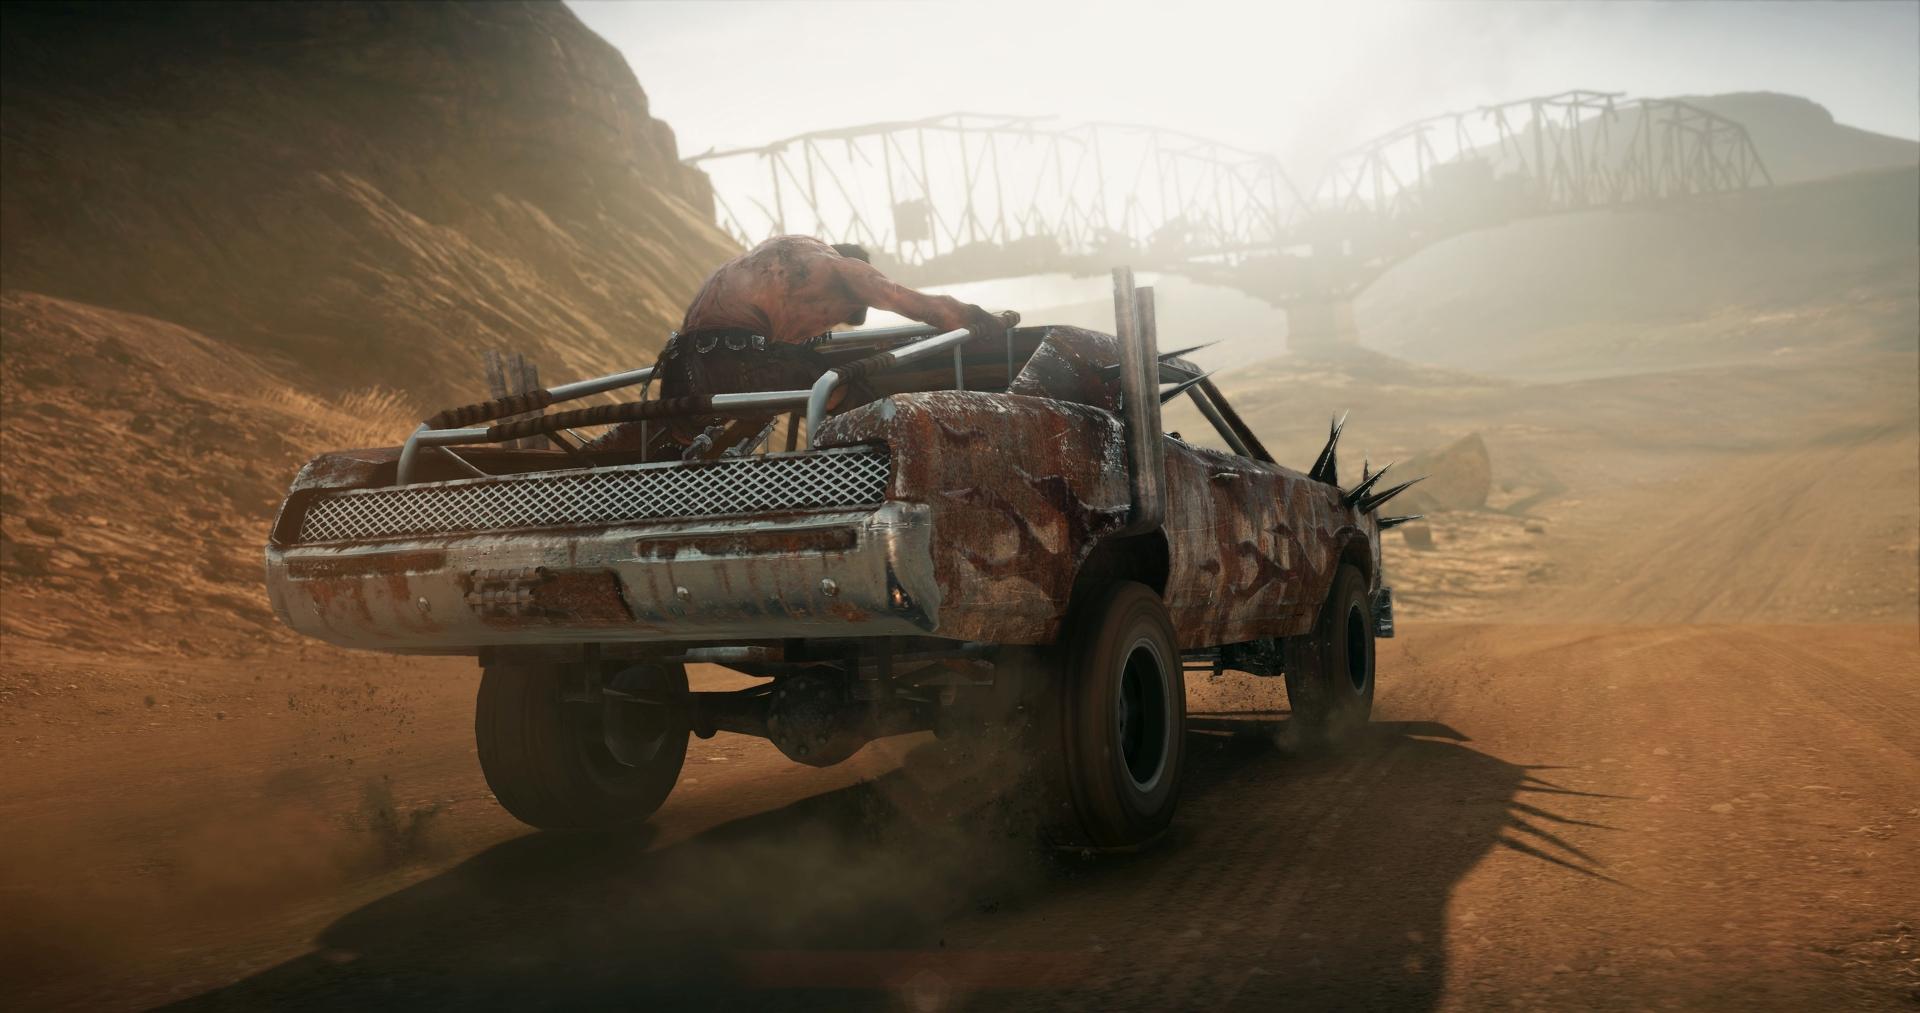 Obrazem: Post-apokalyptická pustina z akce Mad Max 108275